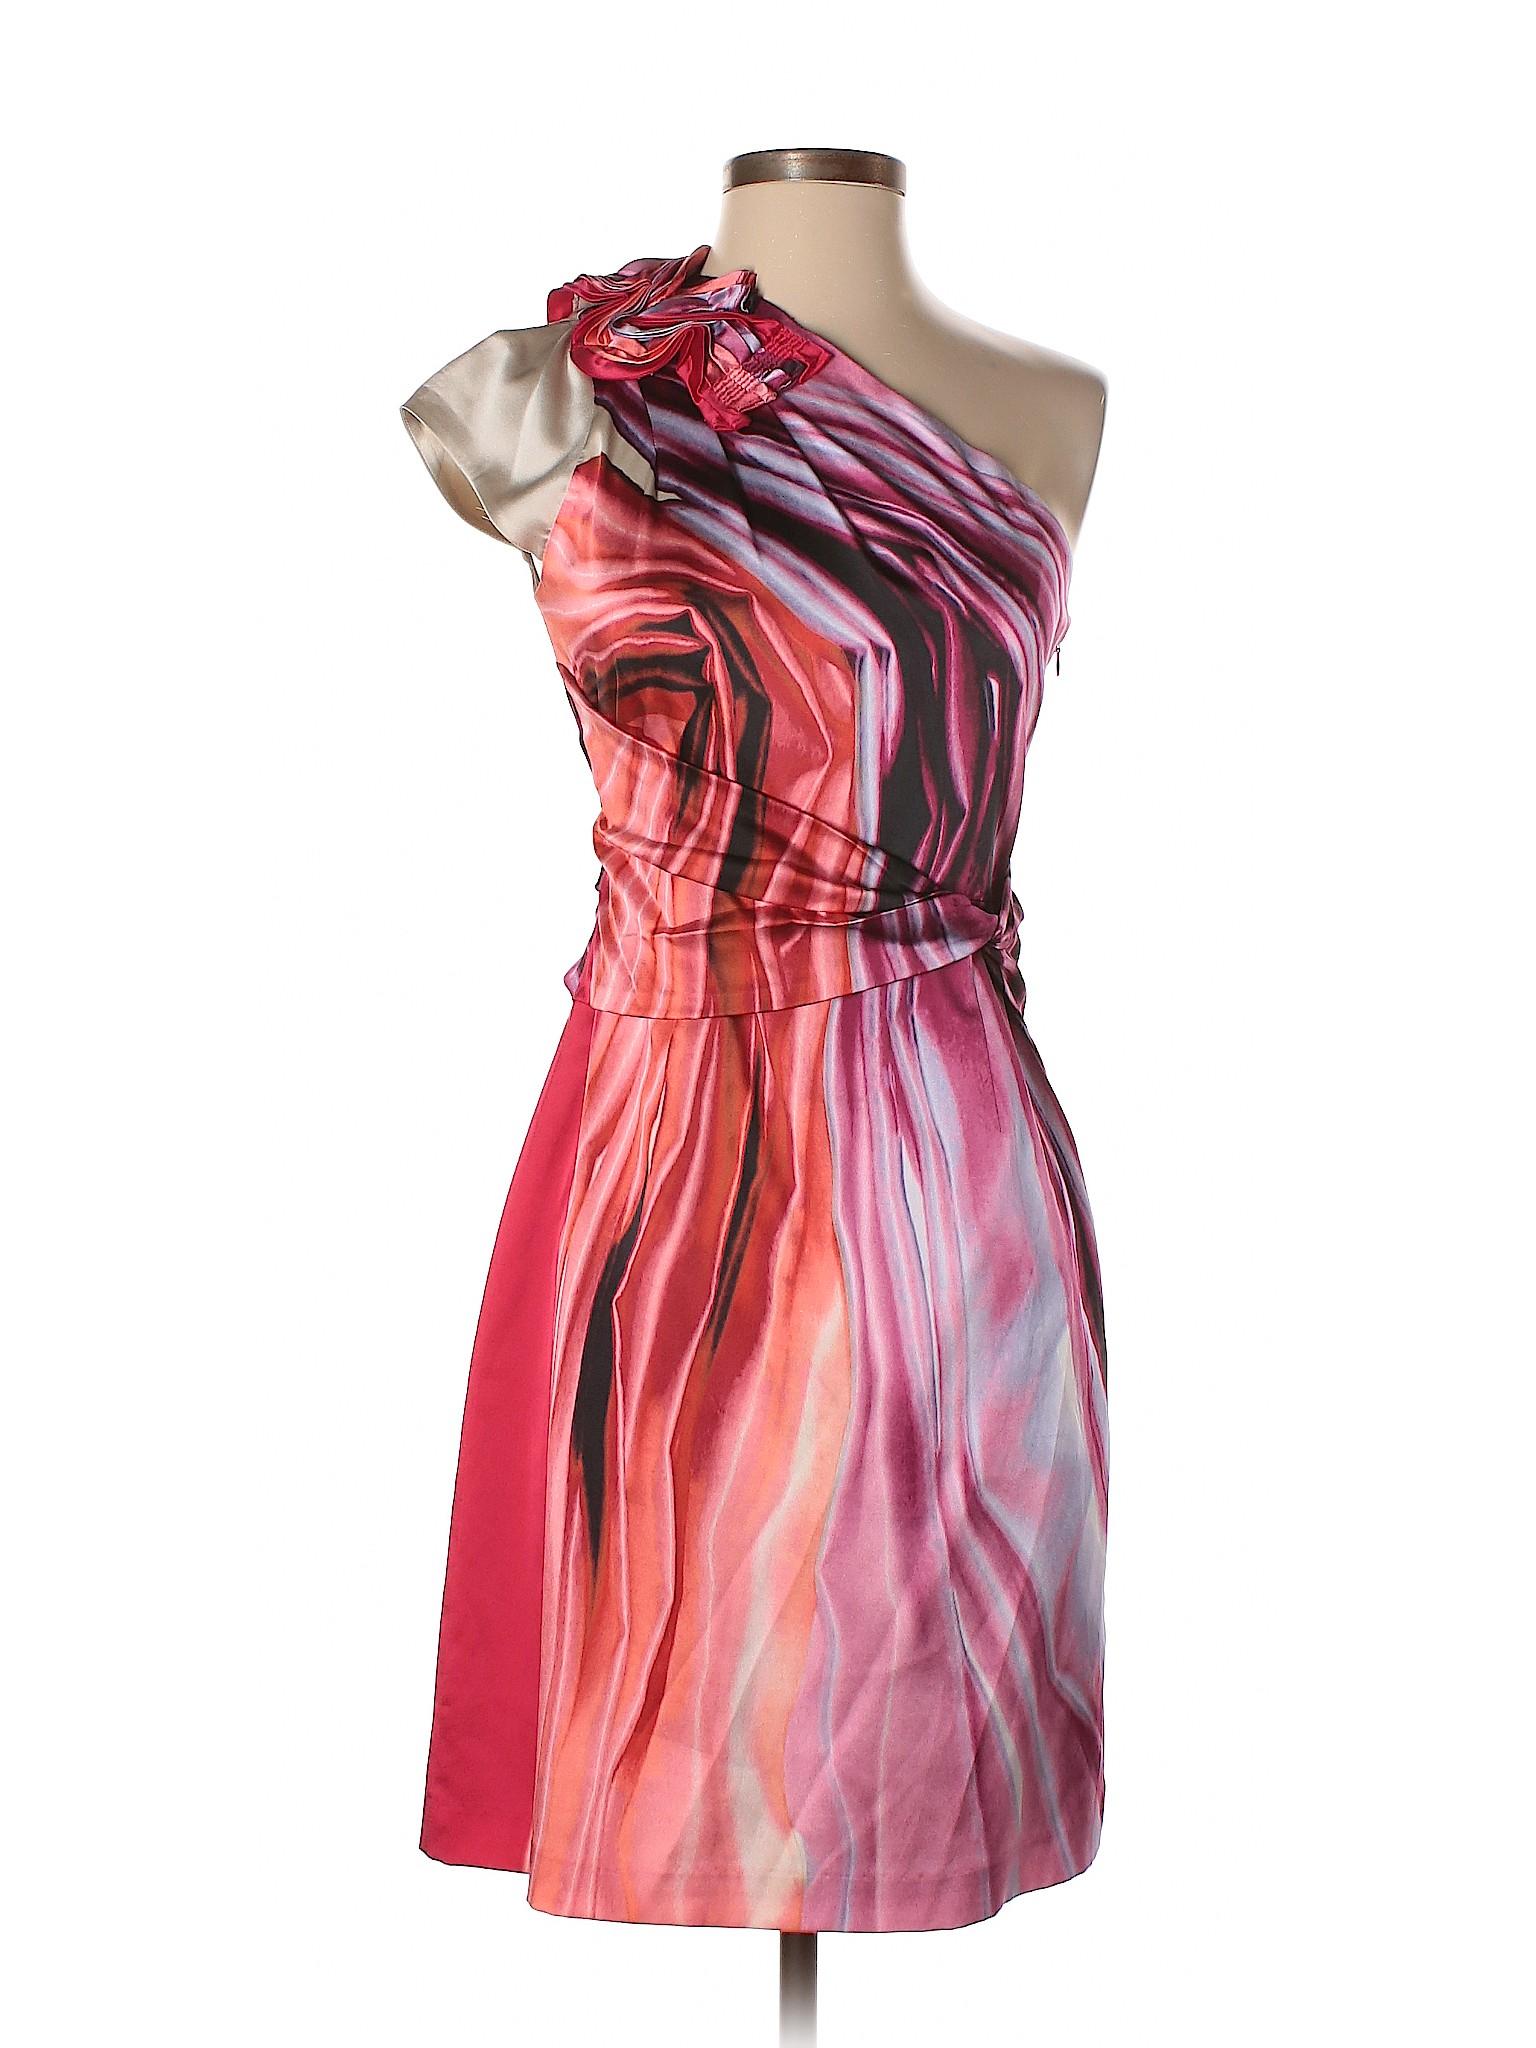 winter Dress Boutique Elie Tahari Casual fwnTSqx4P